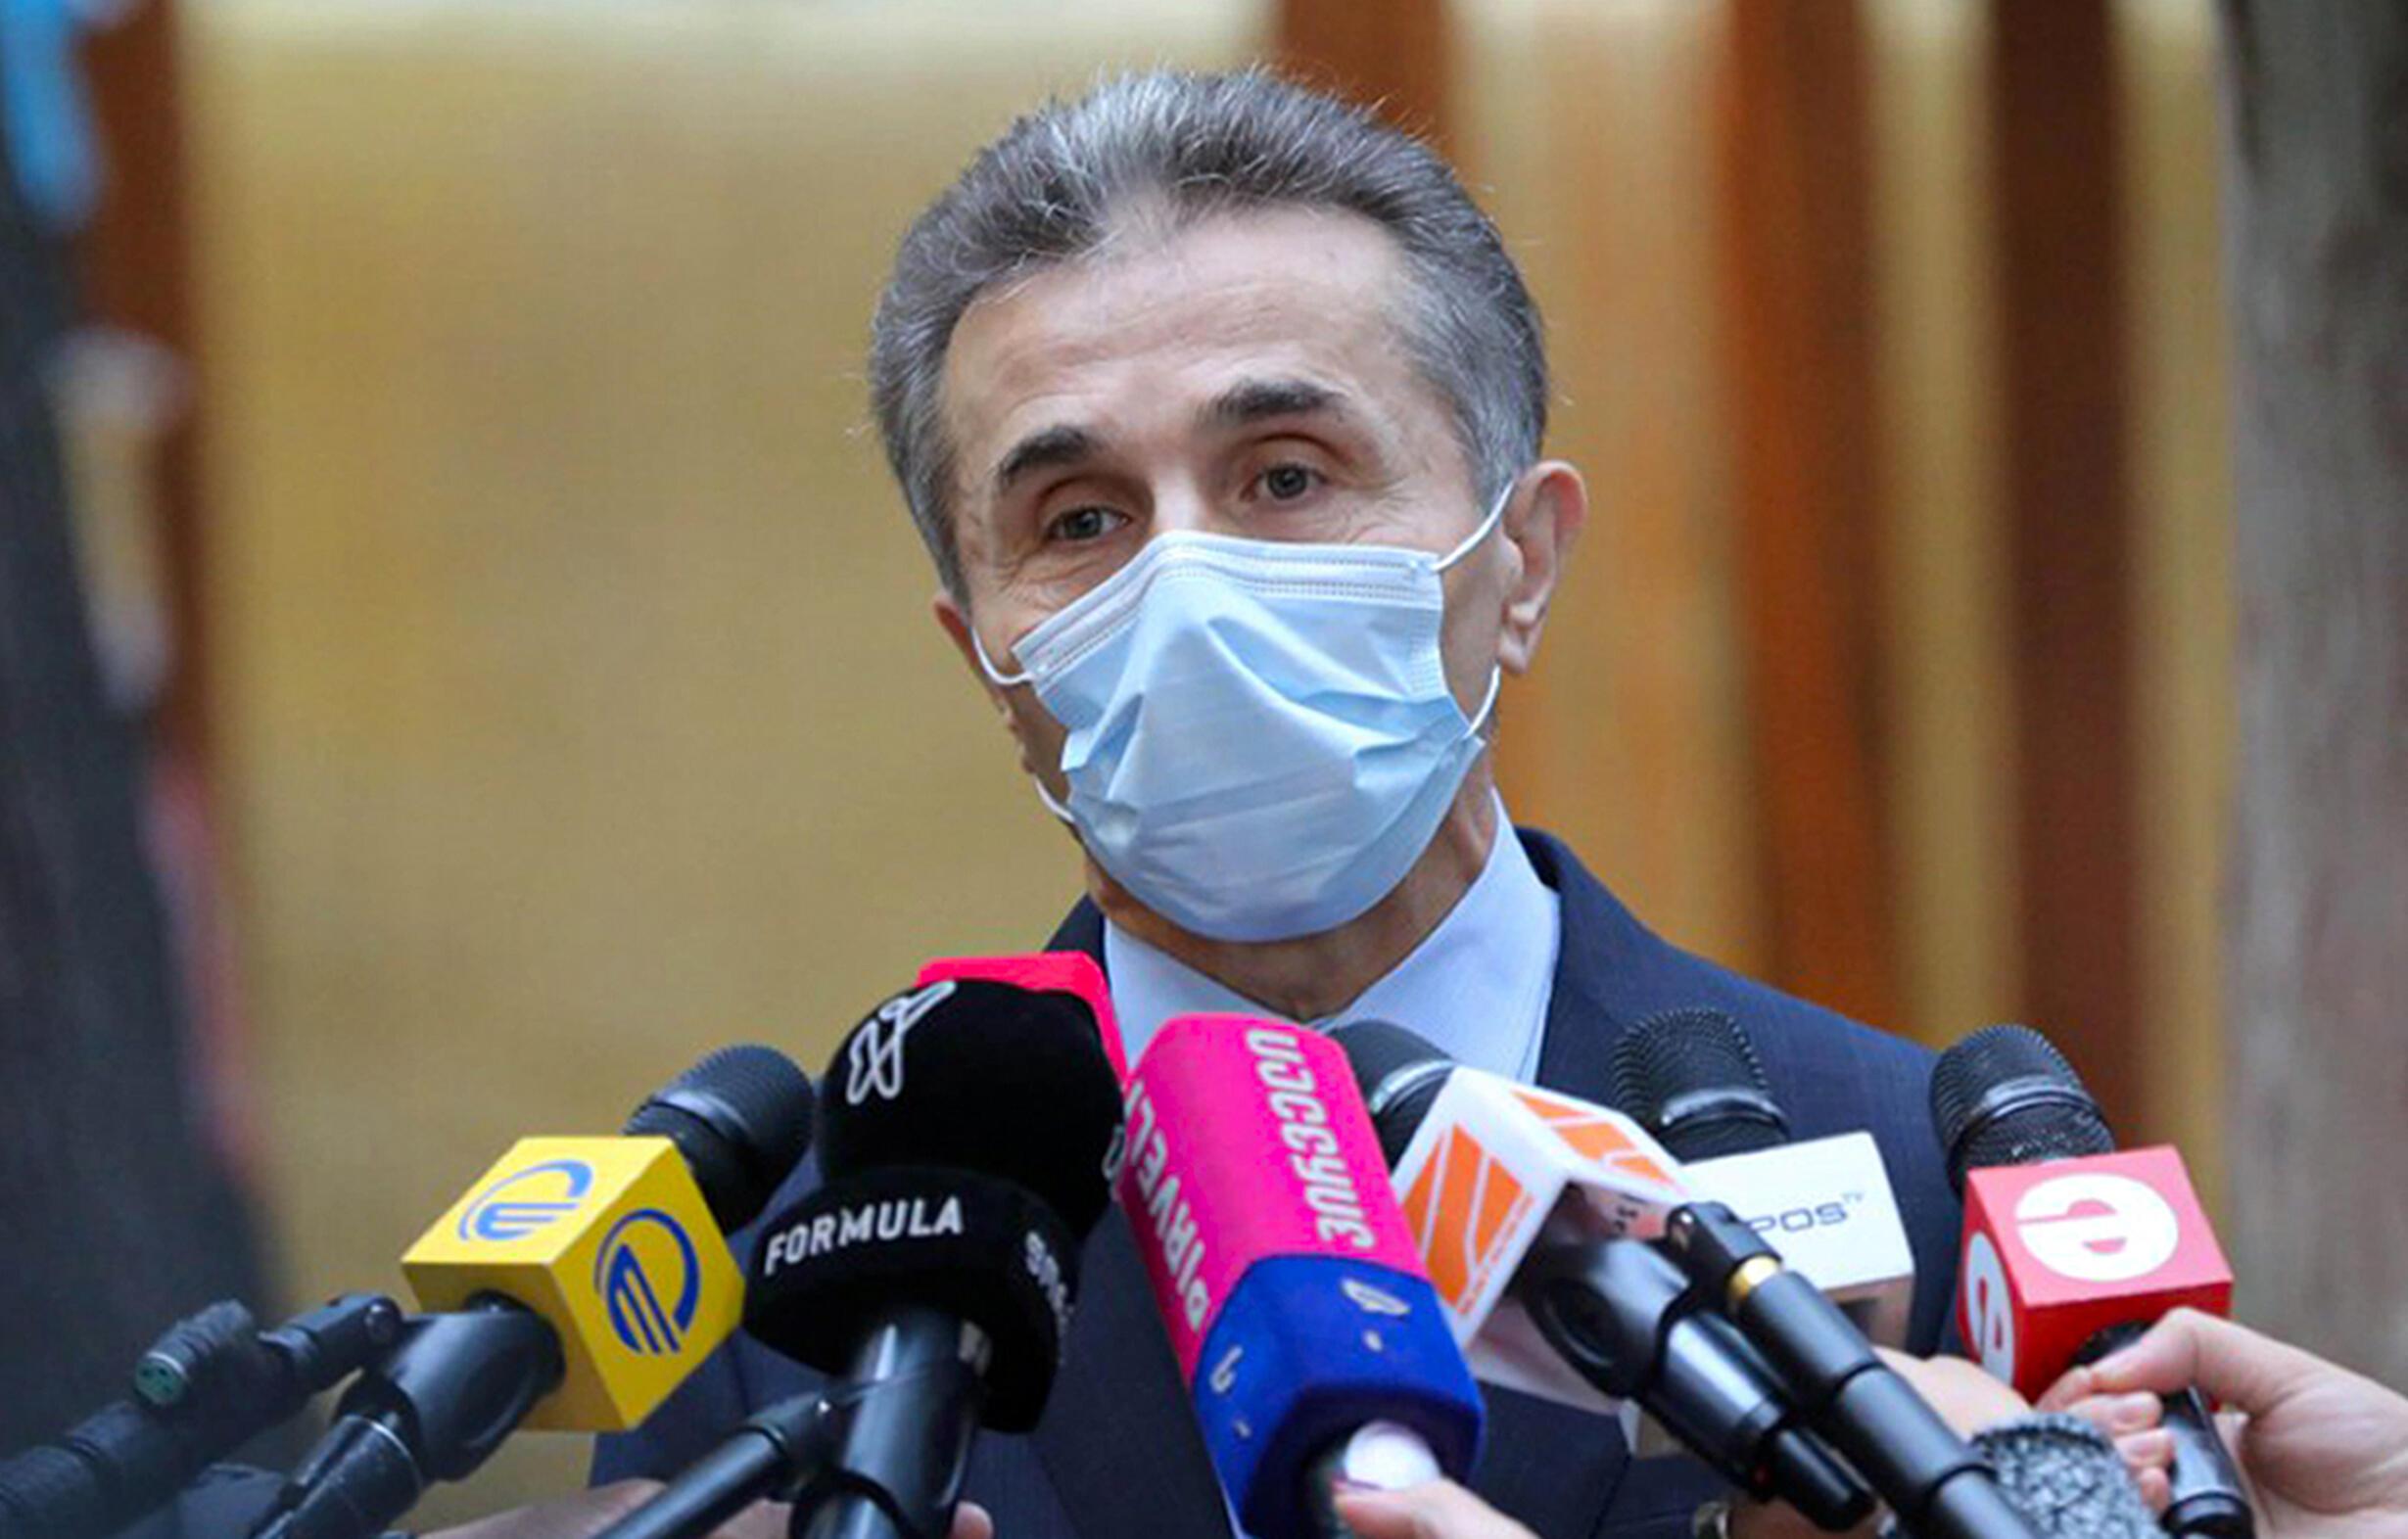 Le fondateur de Rêve géorgien, le parti au pouvoir en Géorgie, l'homme d'affaires Bidzina Ivanishvili, lors d'une conférence de presse le 31 octobre 2020 à Tbilissi.